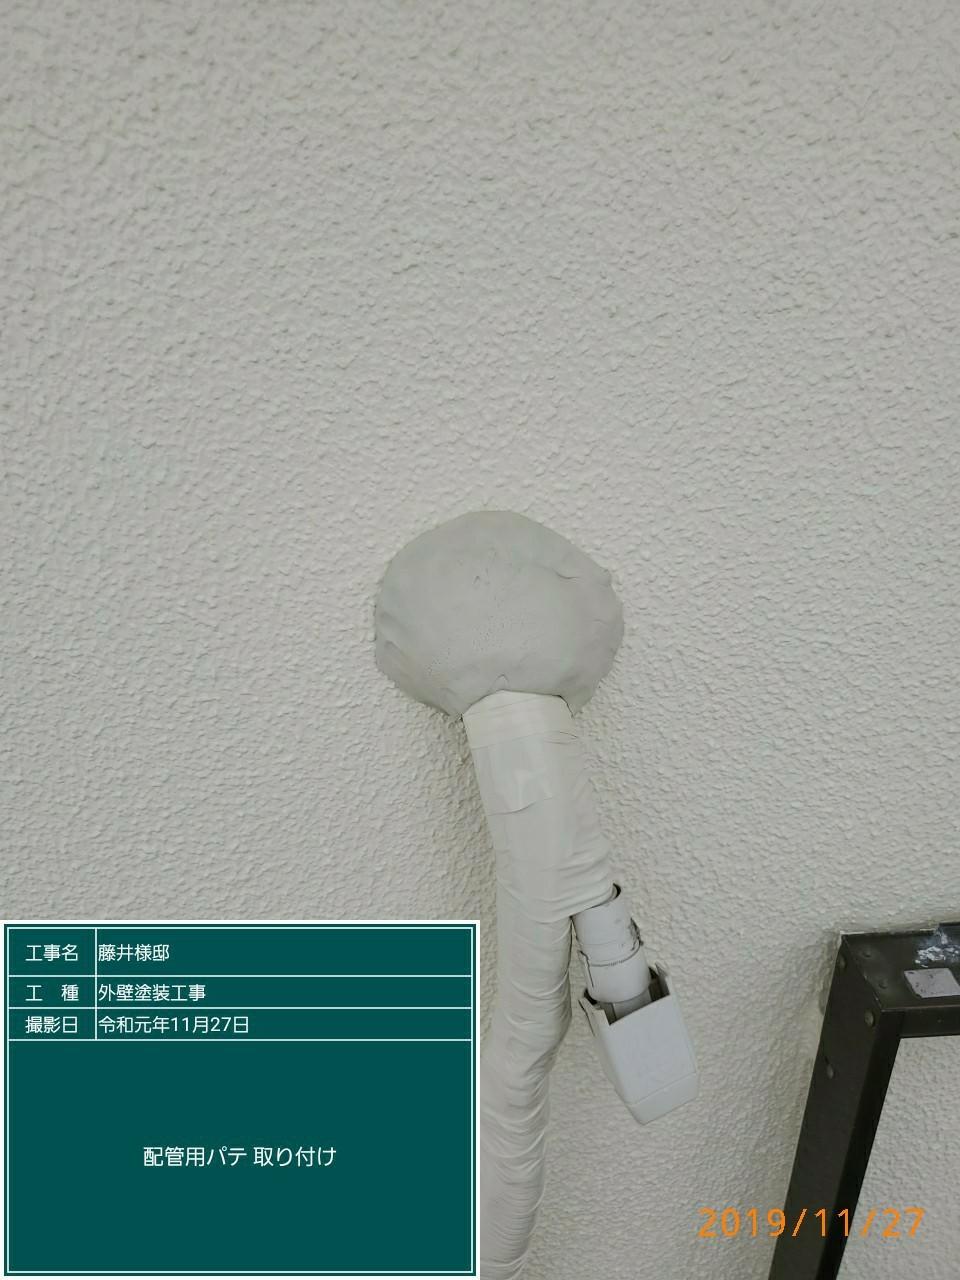 エアコン配線